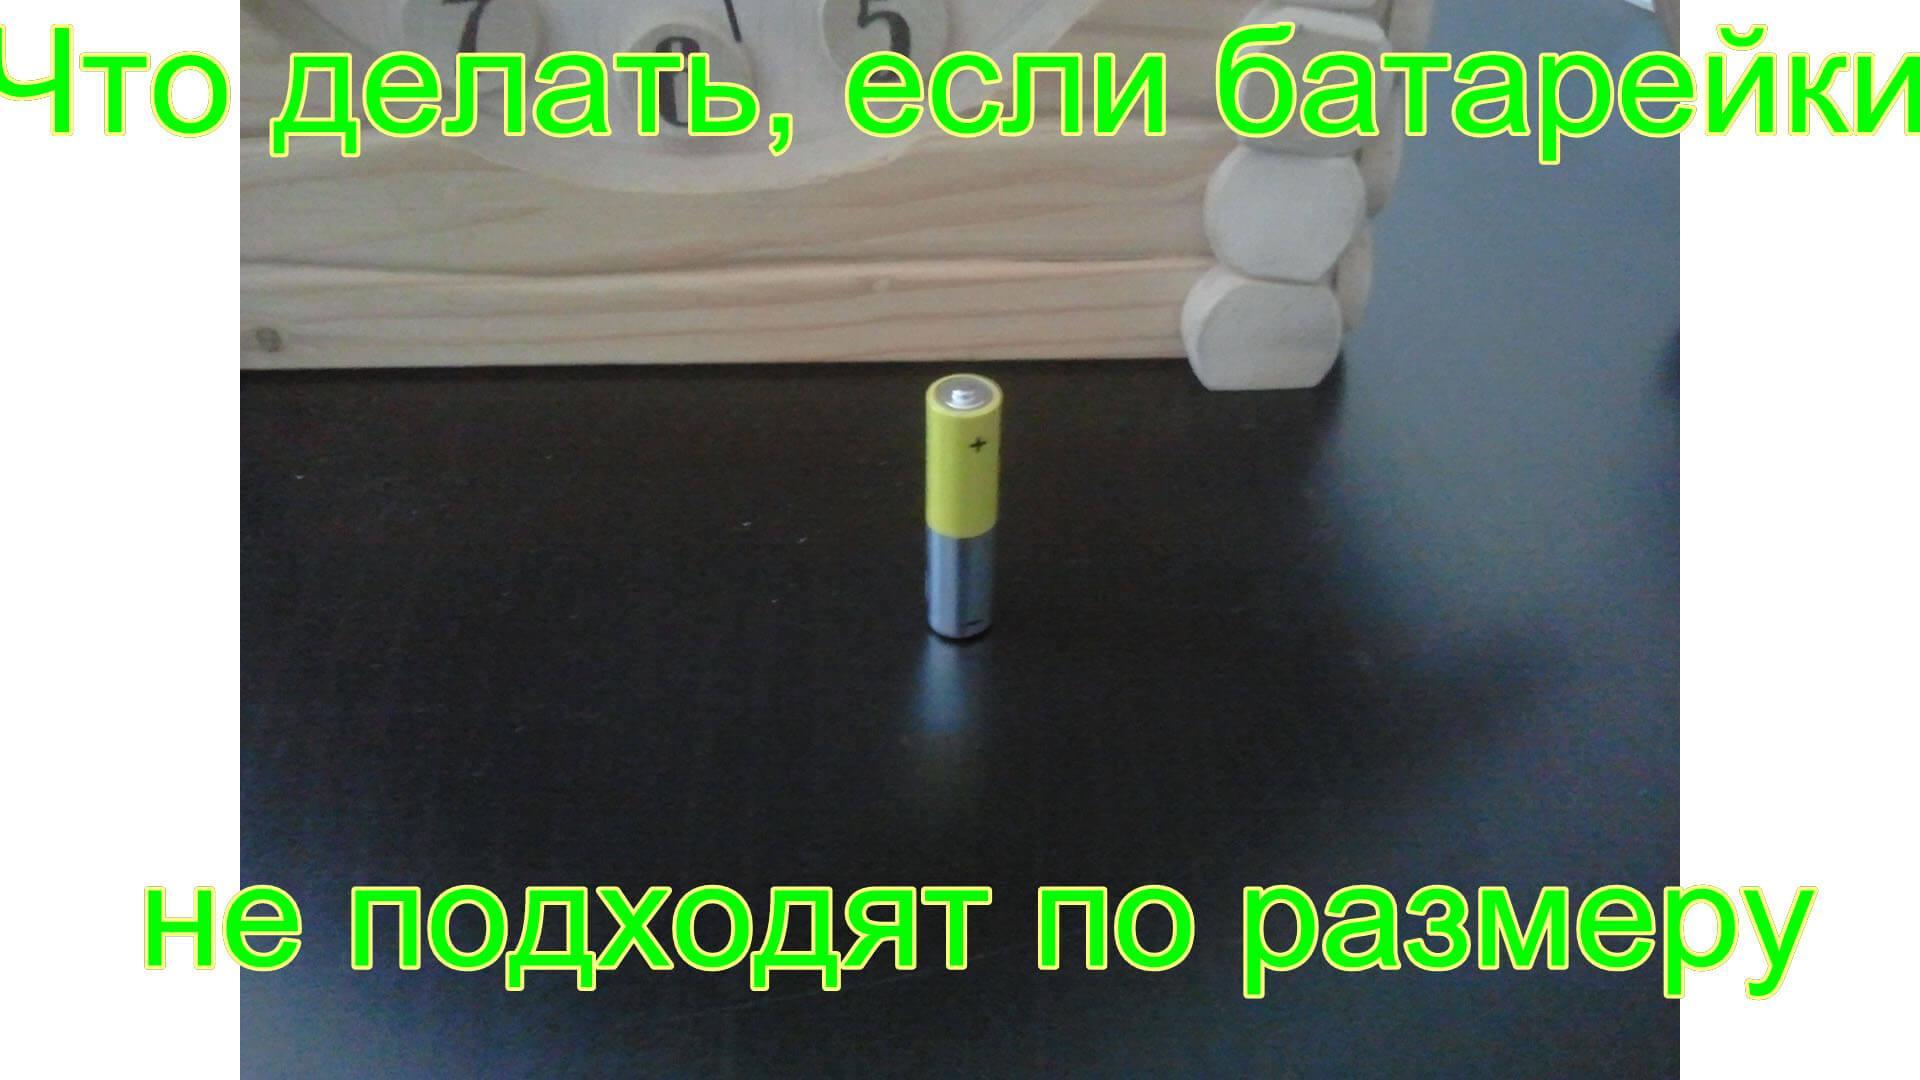 Что делать если батарейки не подходят по размеру